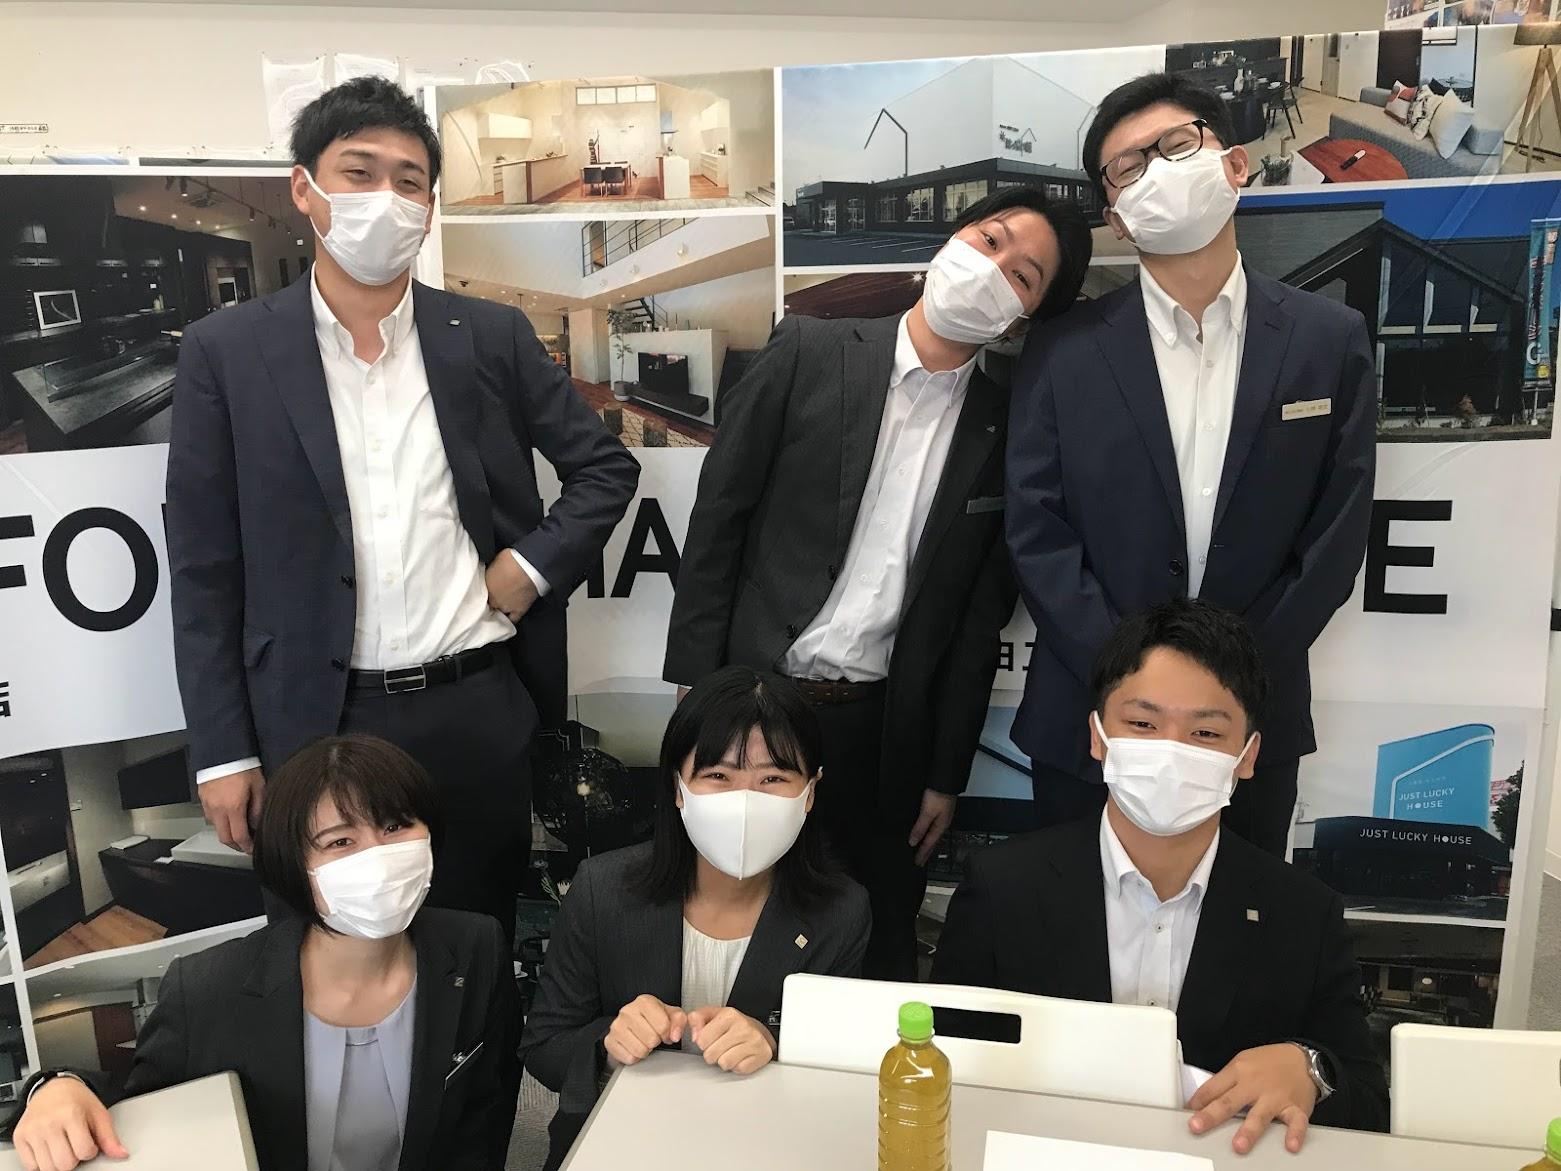 オンライン座談会『HAPPYCAFE』開催!